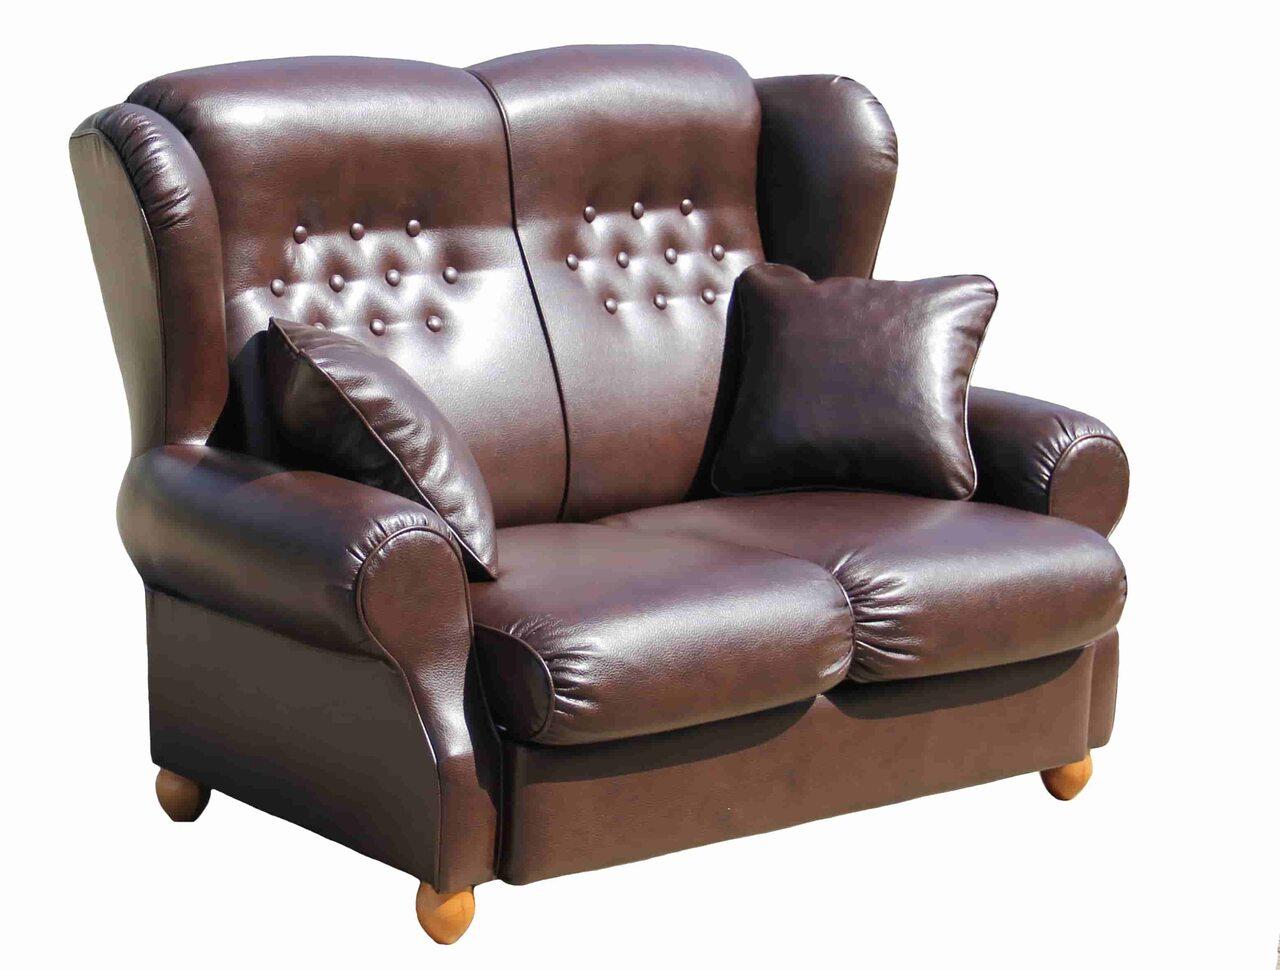 Мягкая офисная мебель Ланкастер - фото 2